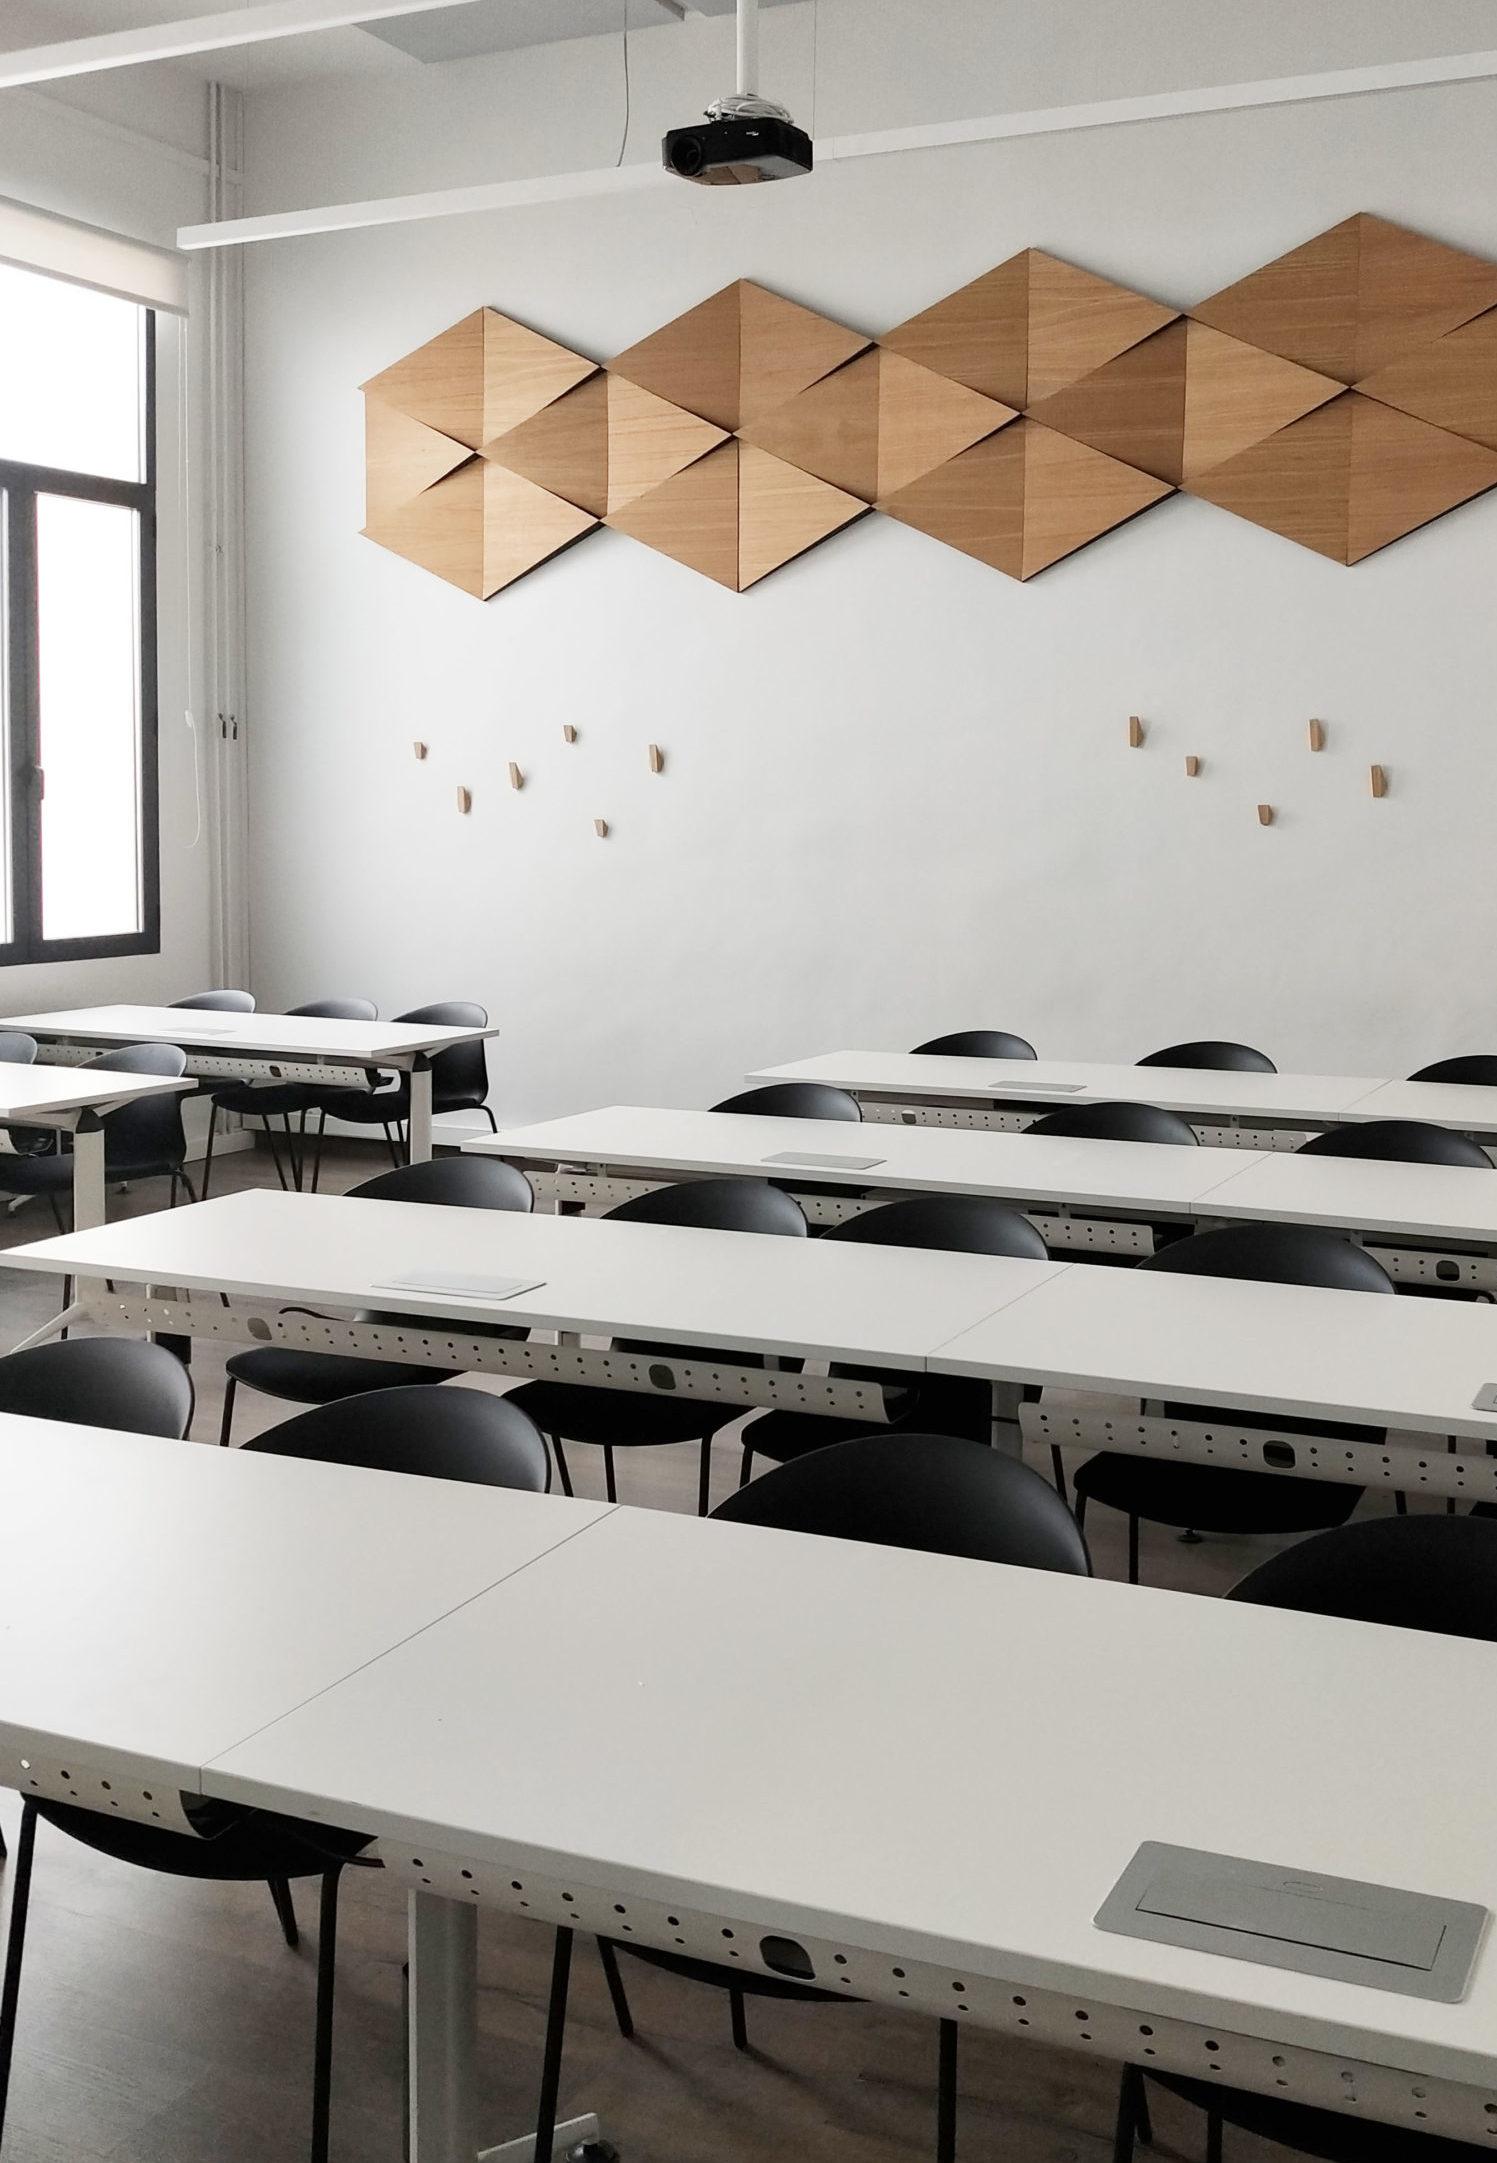 aula de un proyecto de reforma y diseño de interiores de Deleite Design